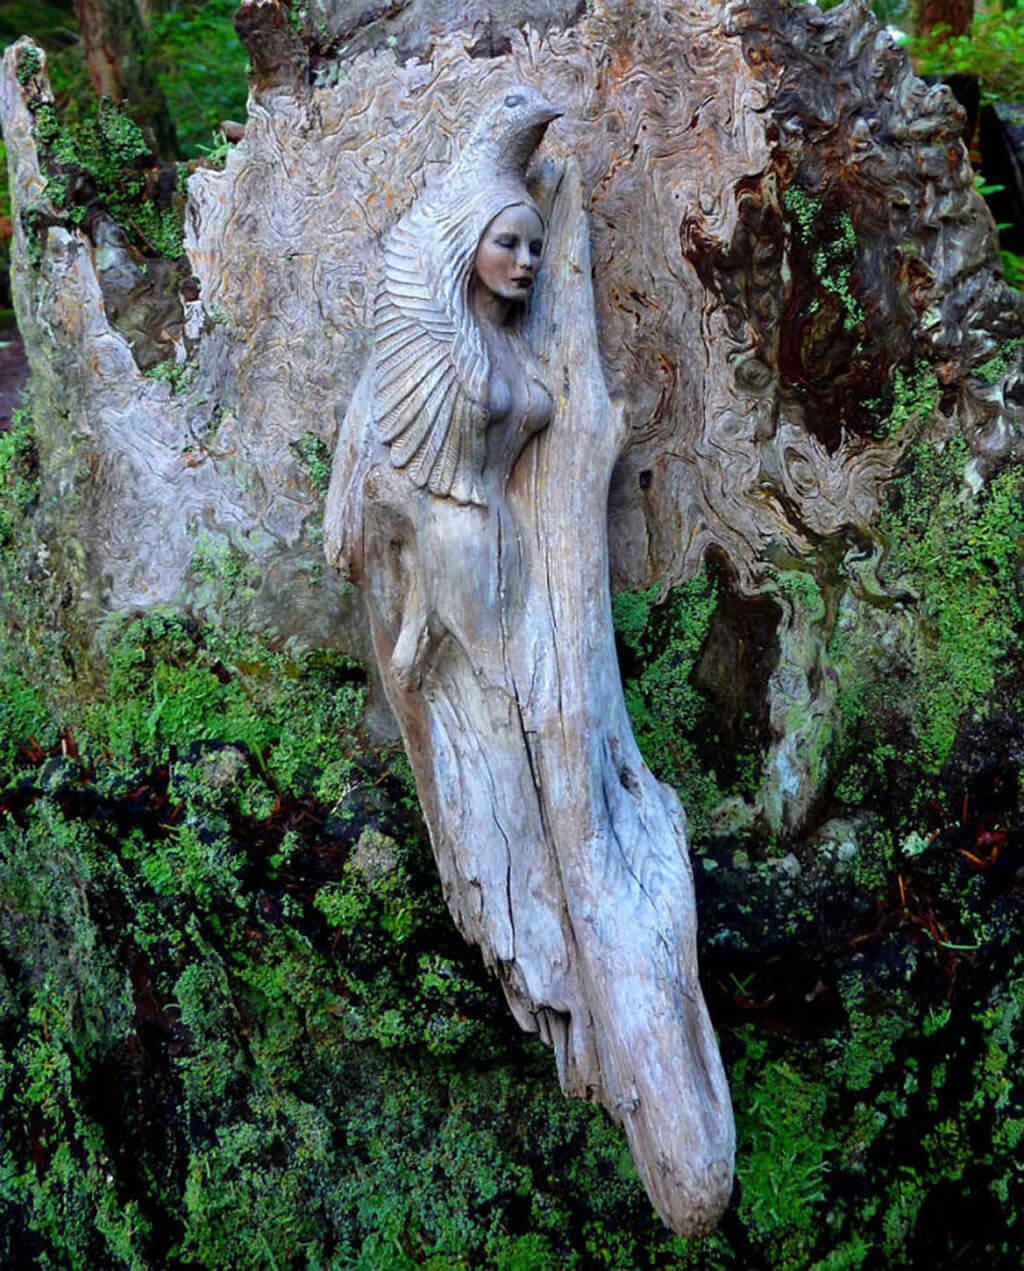 Driftwood sculpture by Debra Bernier